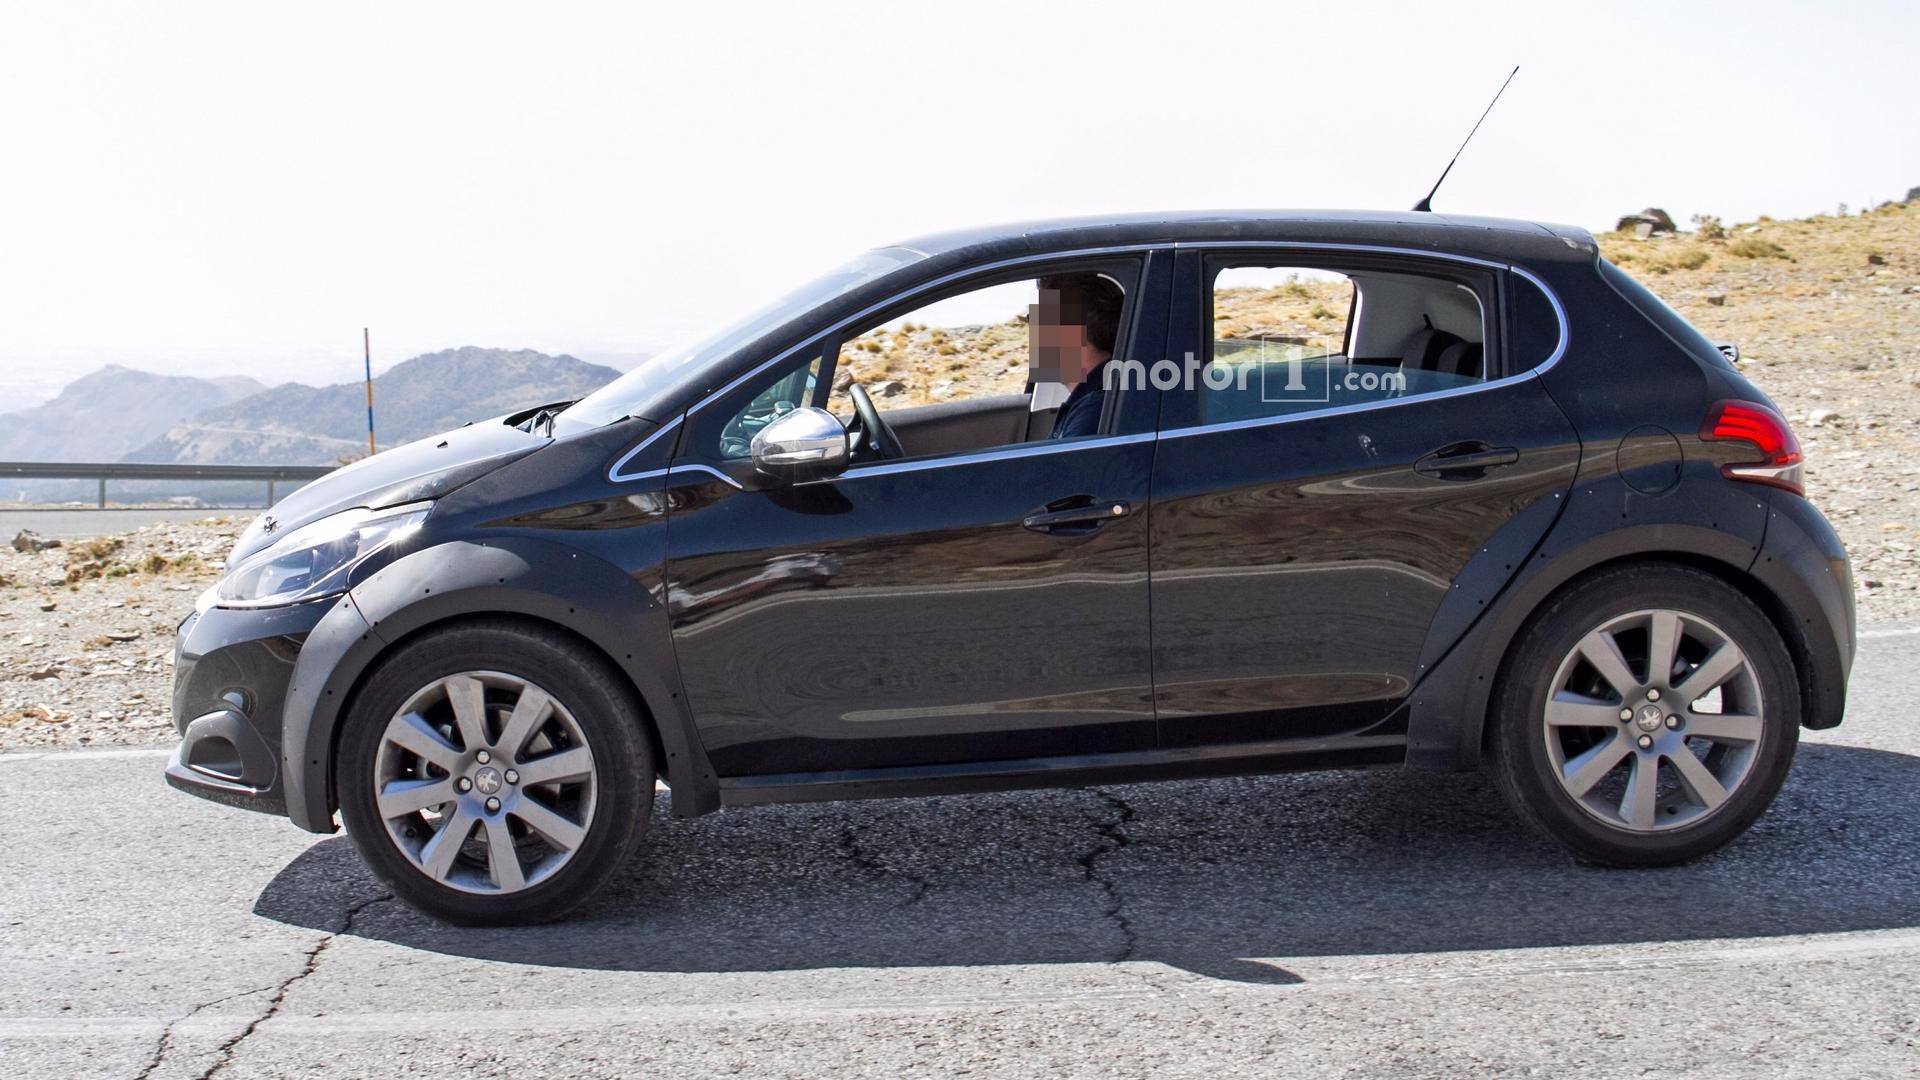 1008 تصوری از یک خودروی شاسیبلند کوچک